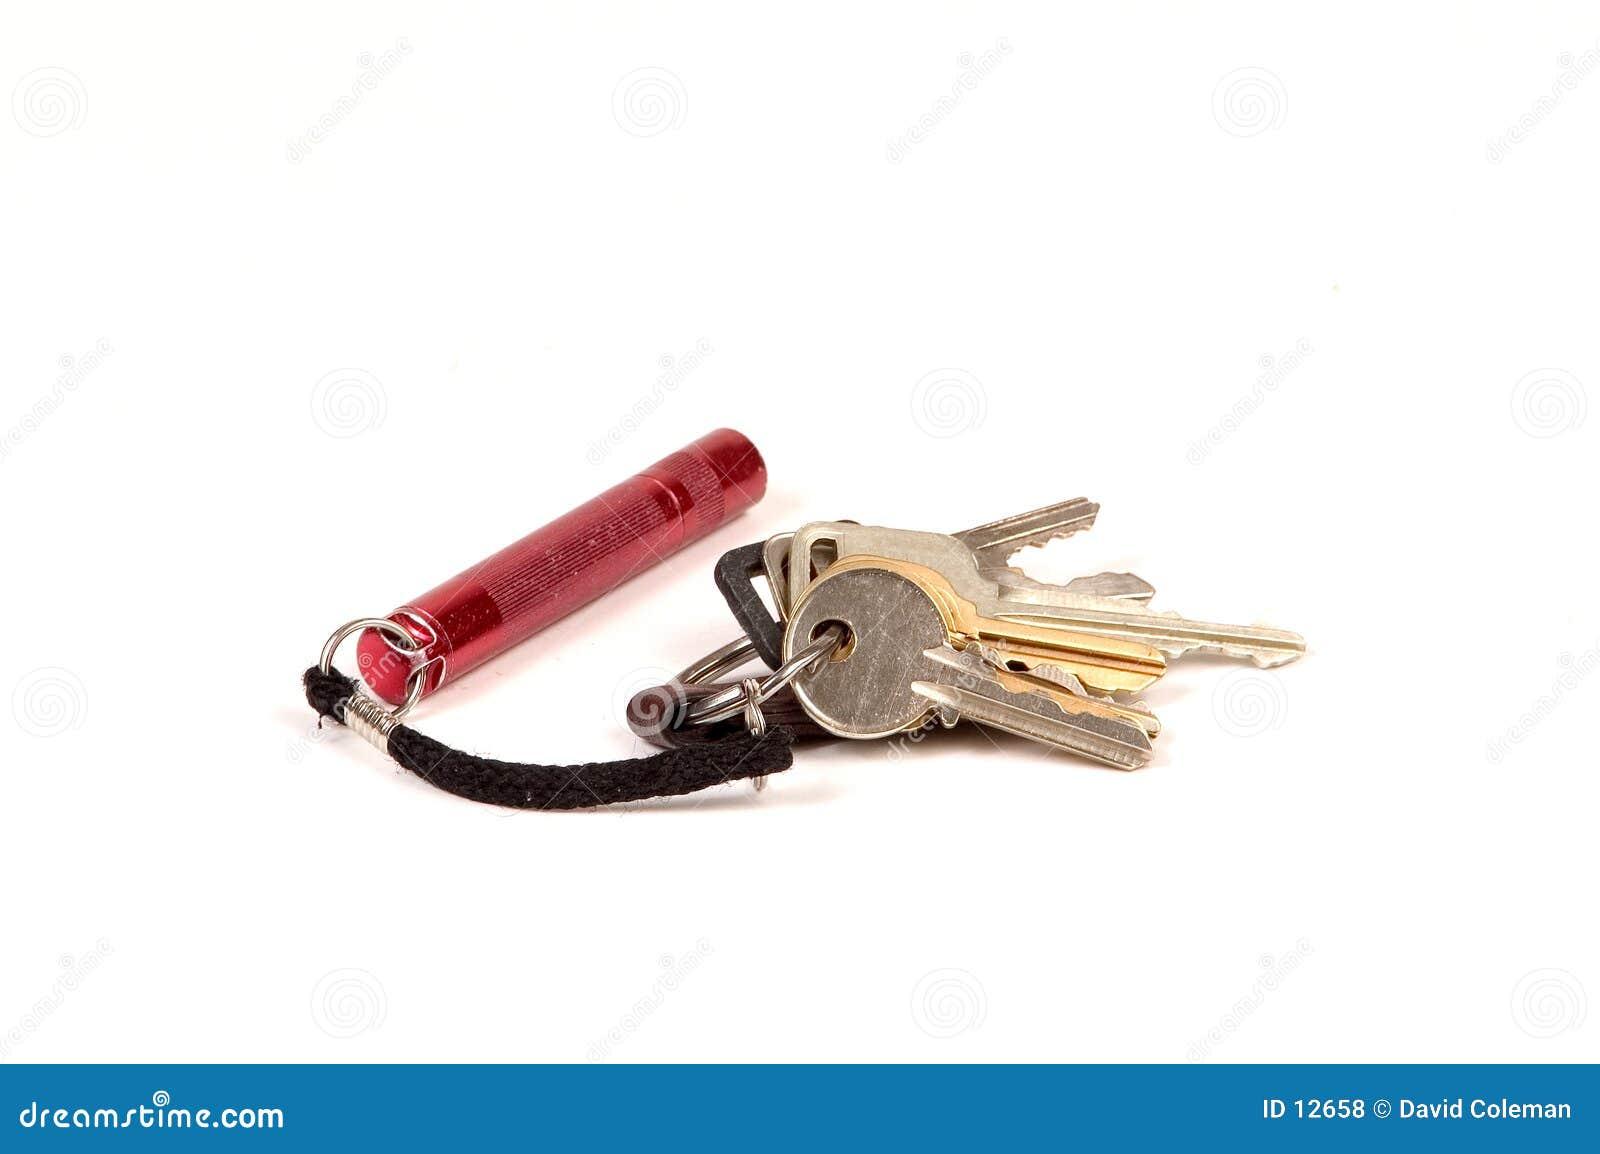 Dostałam kółko na klucze mini latarki